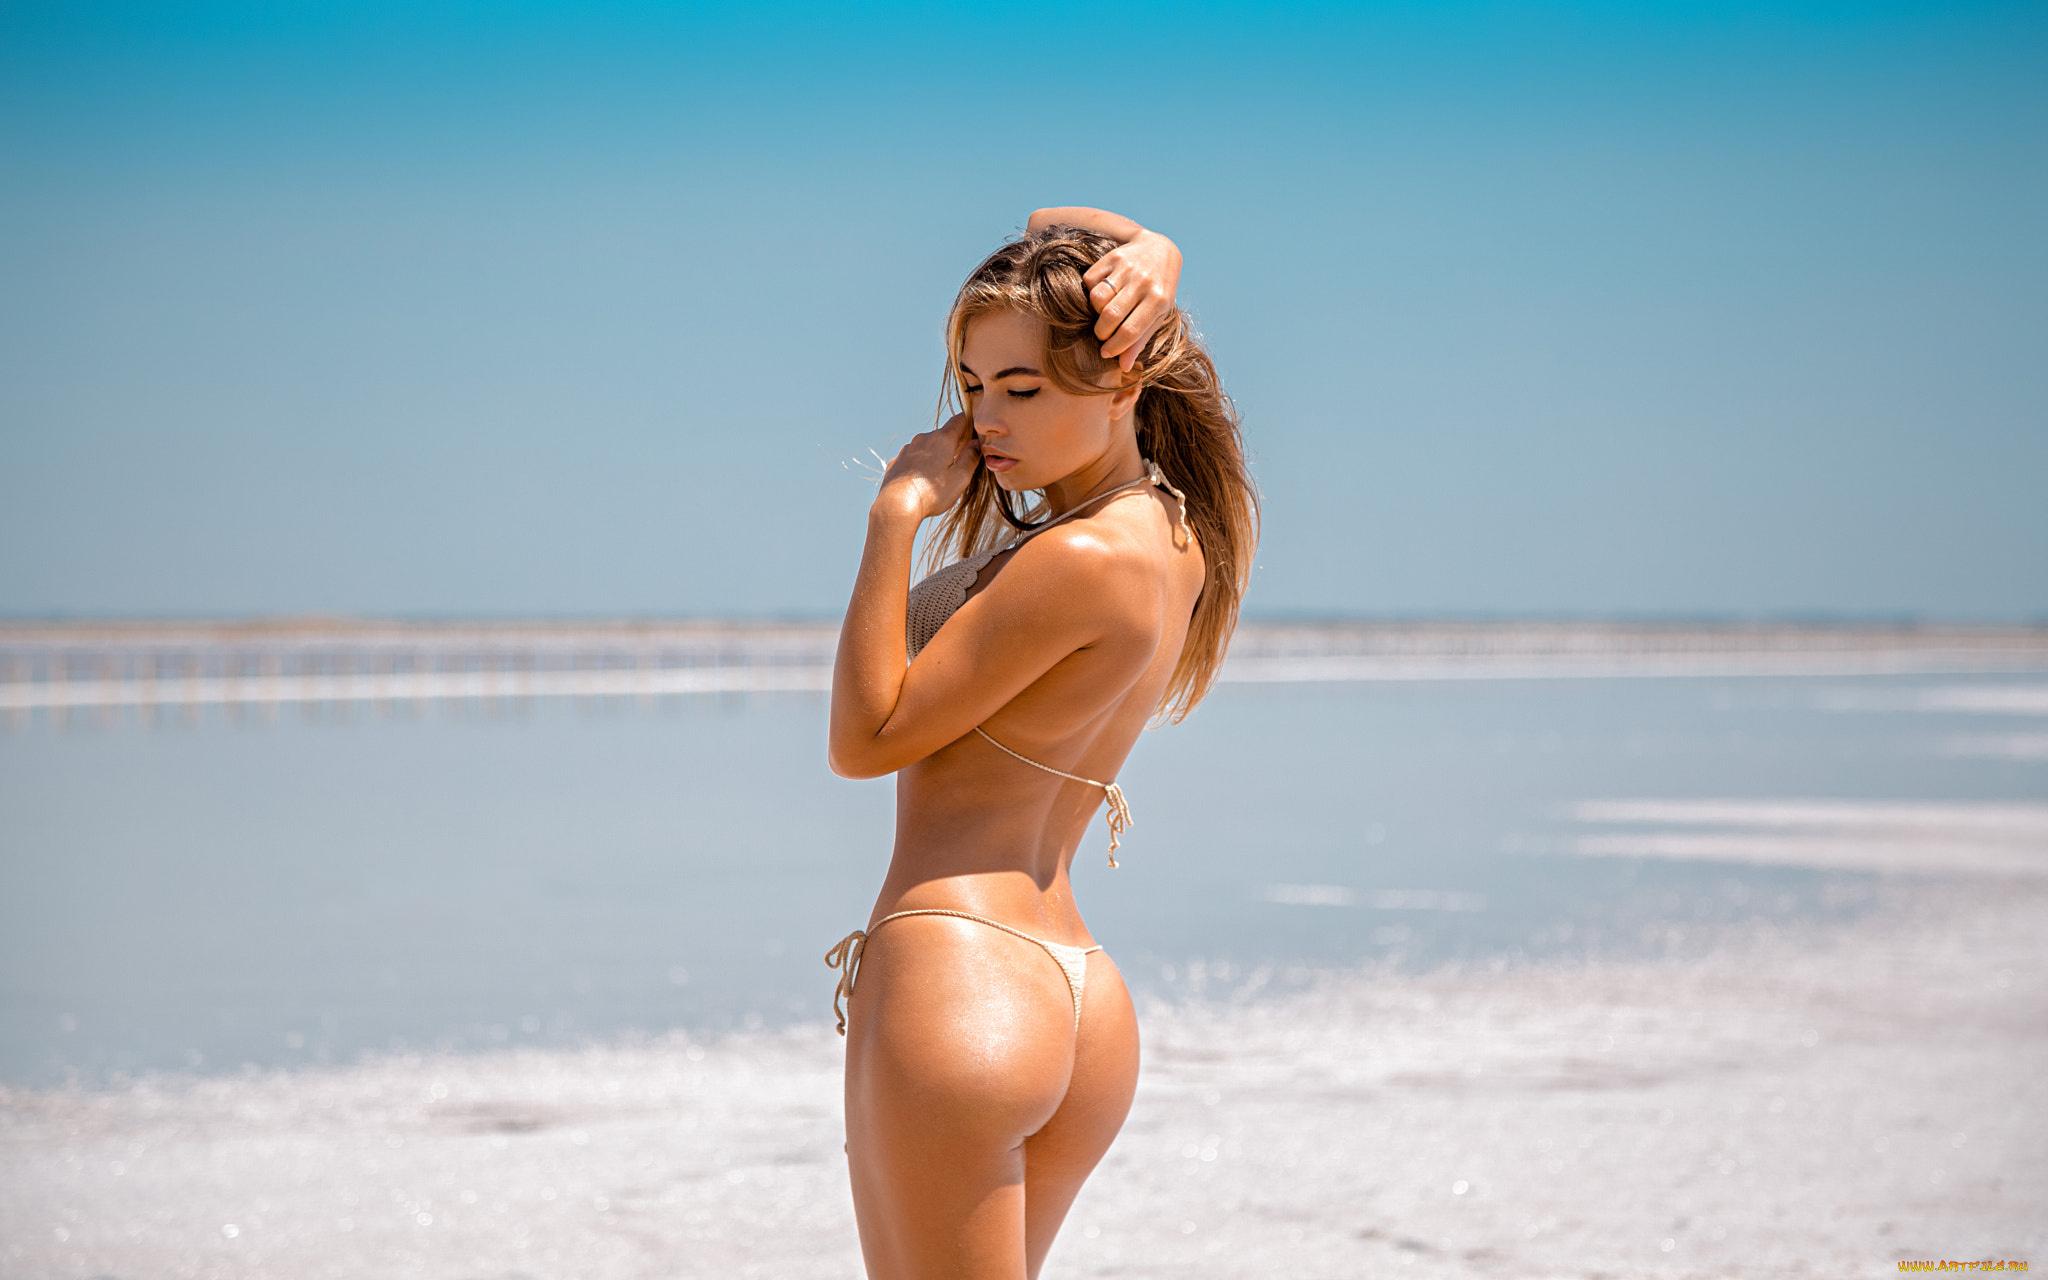 Голые женские славянские попки на пляже, член гигант смотреть видеоролики